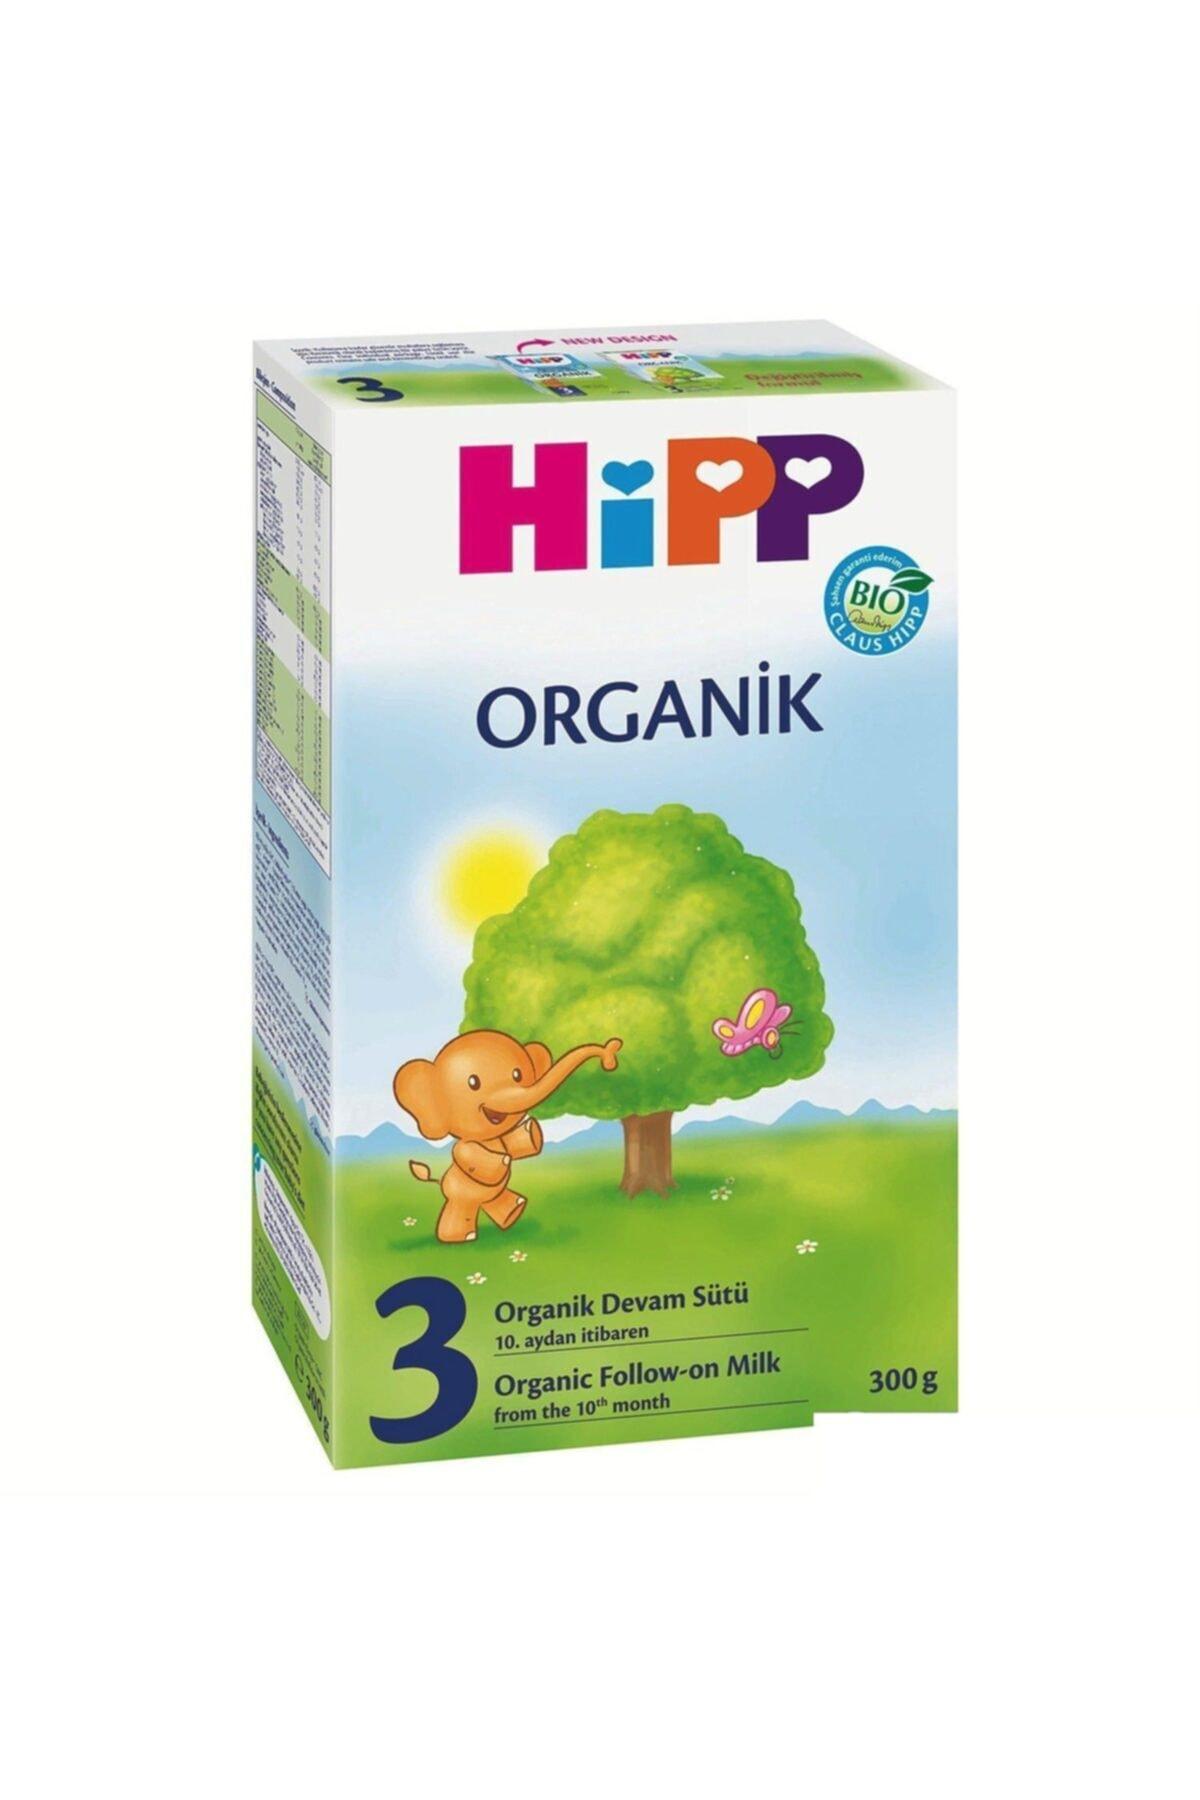 Hipp 3 Organik Devam Sütü 300 Gr 2